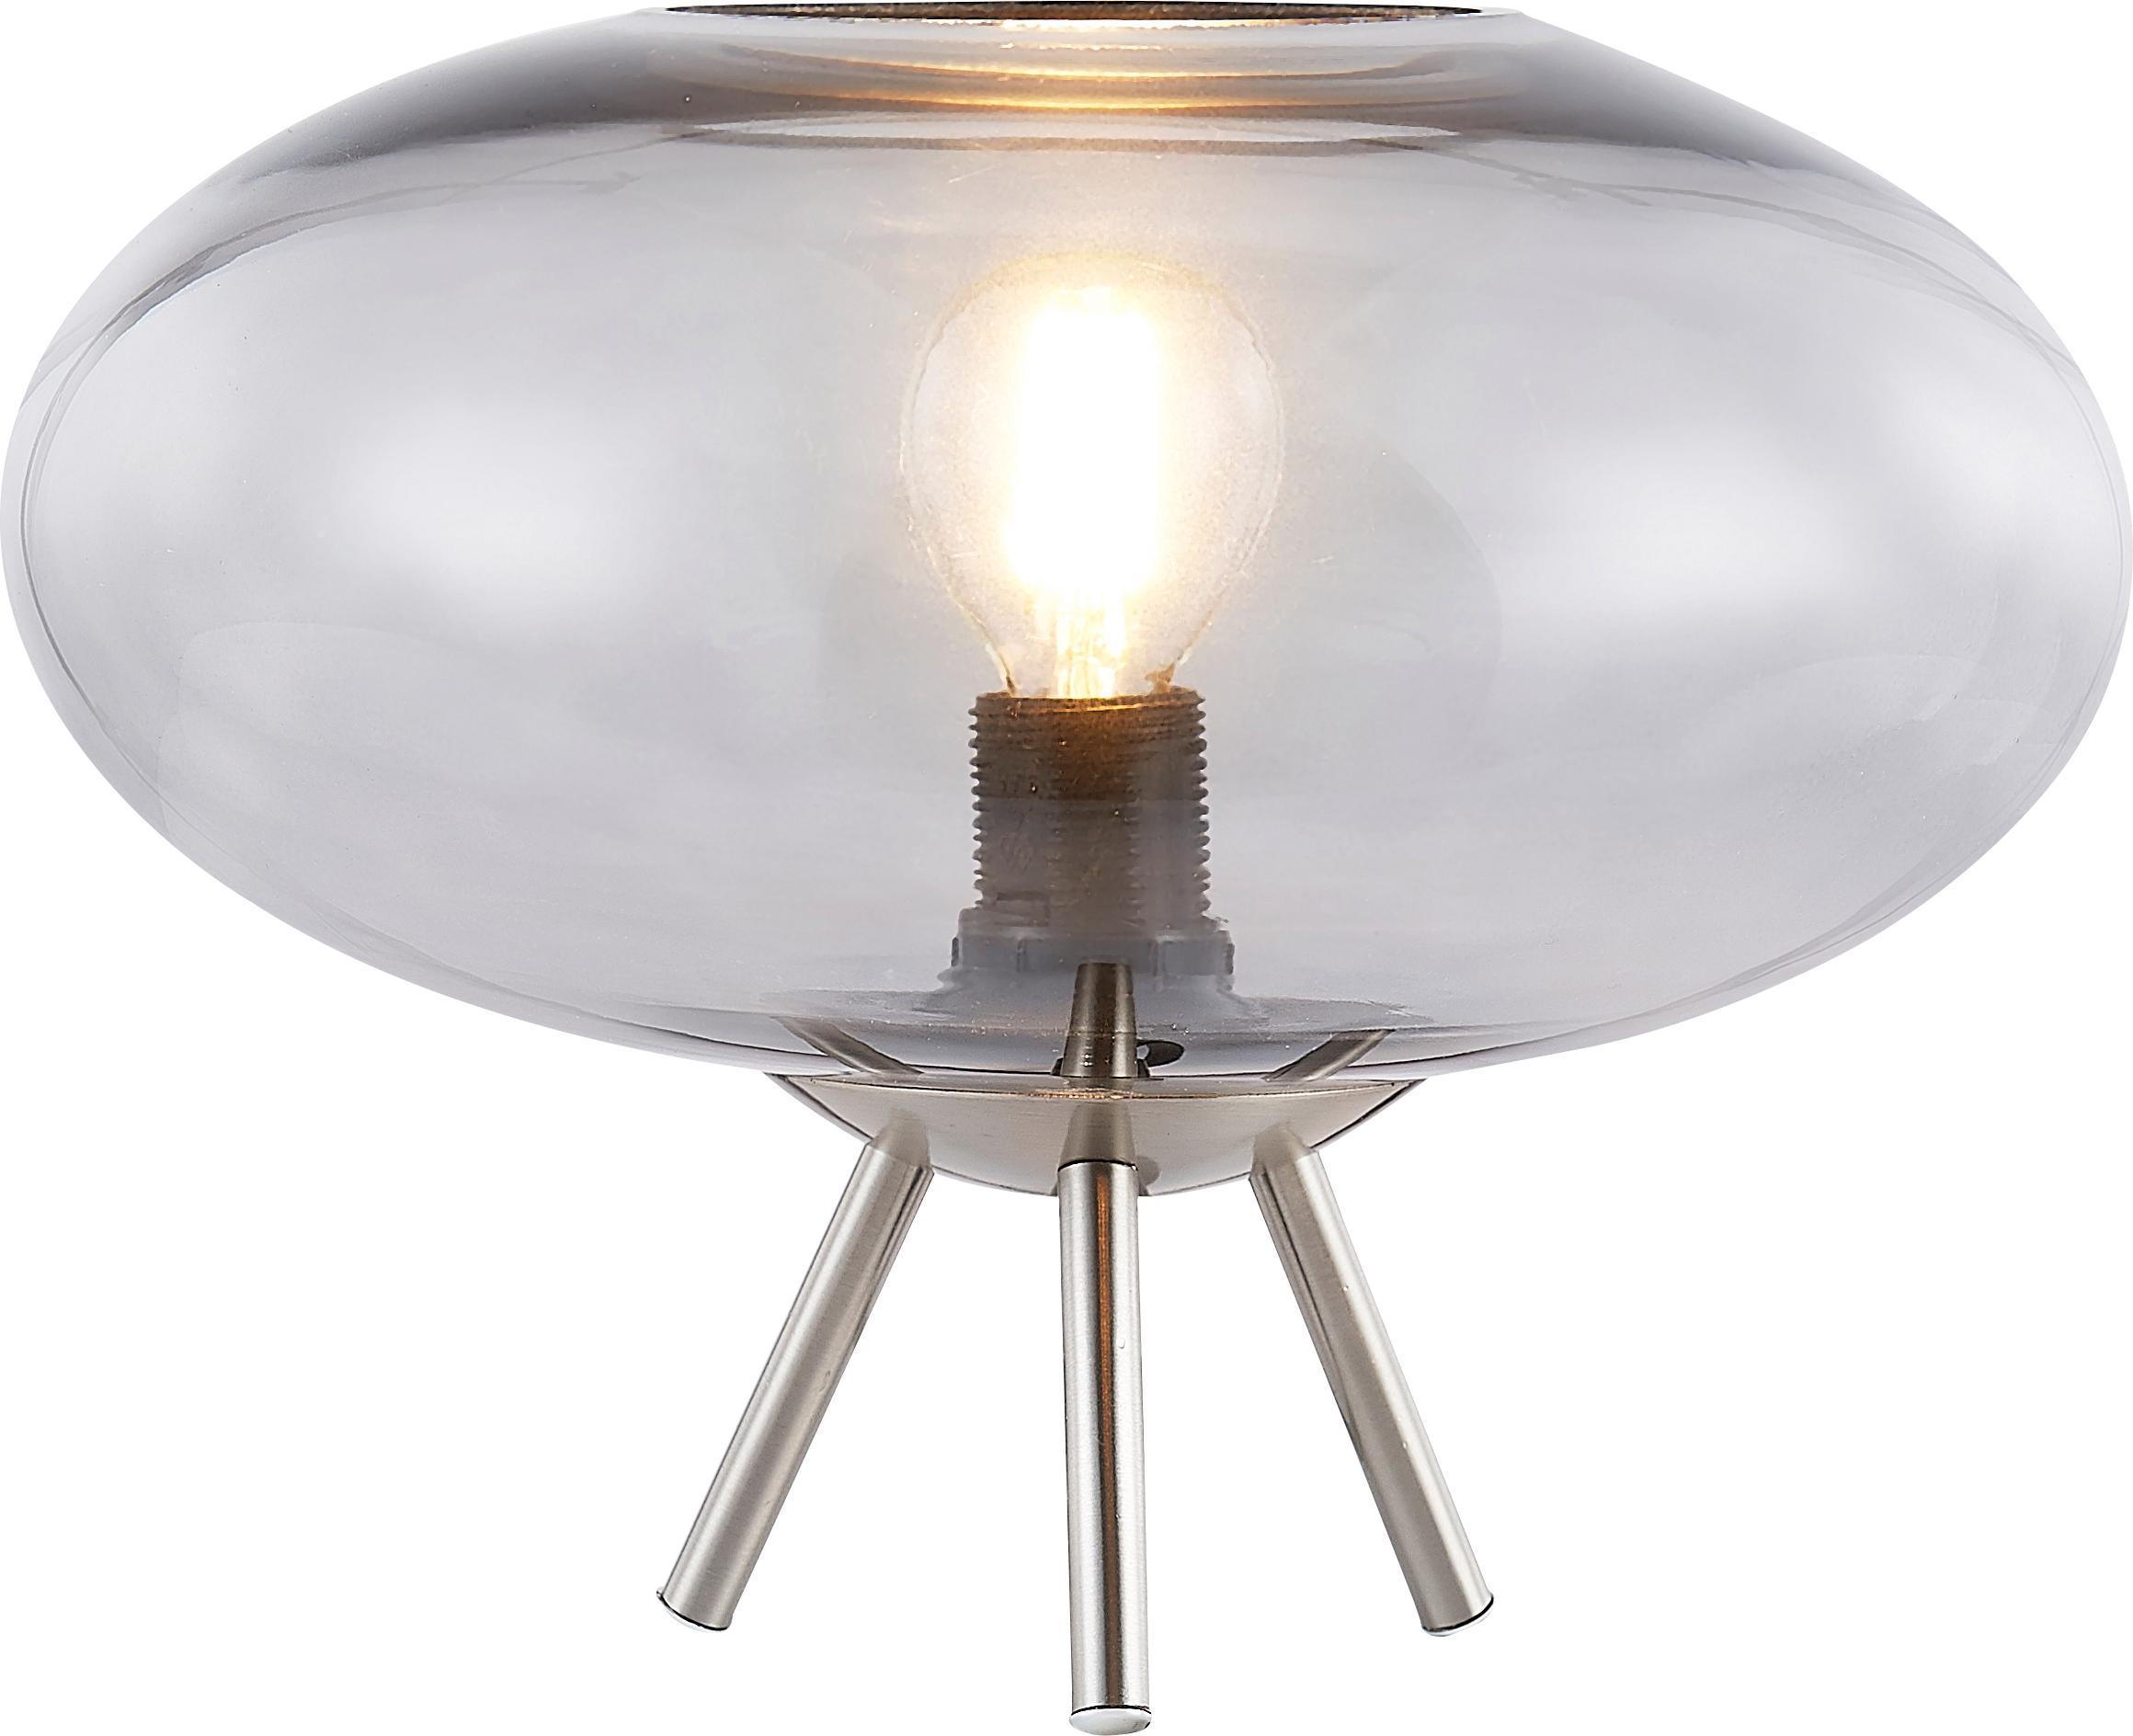 Nino Leuchten LED Tischleuchte LILLE, E14, Warmweiß